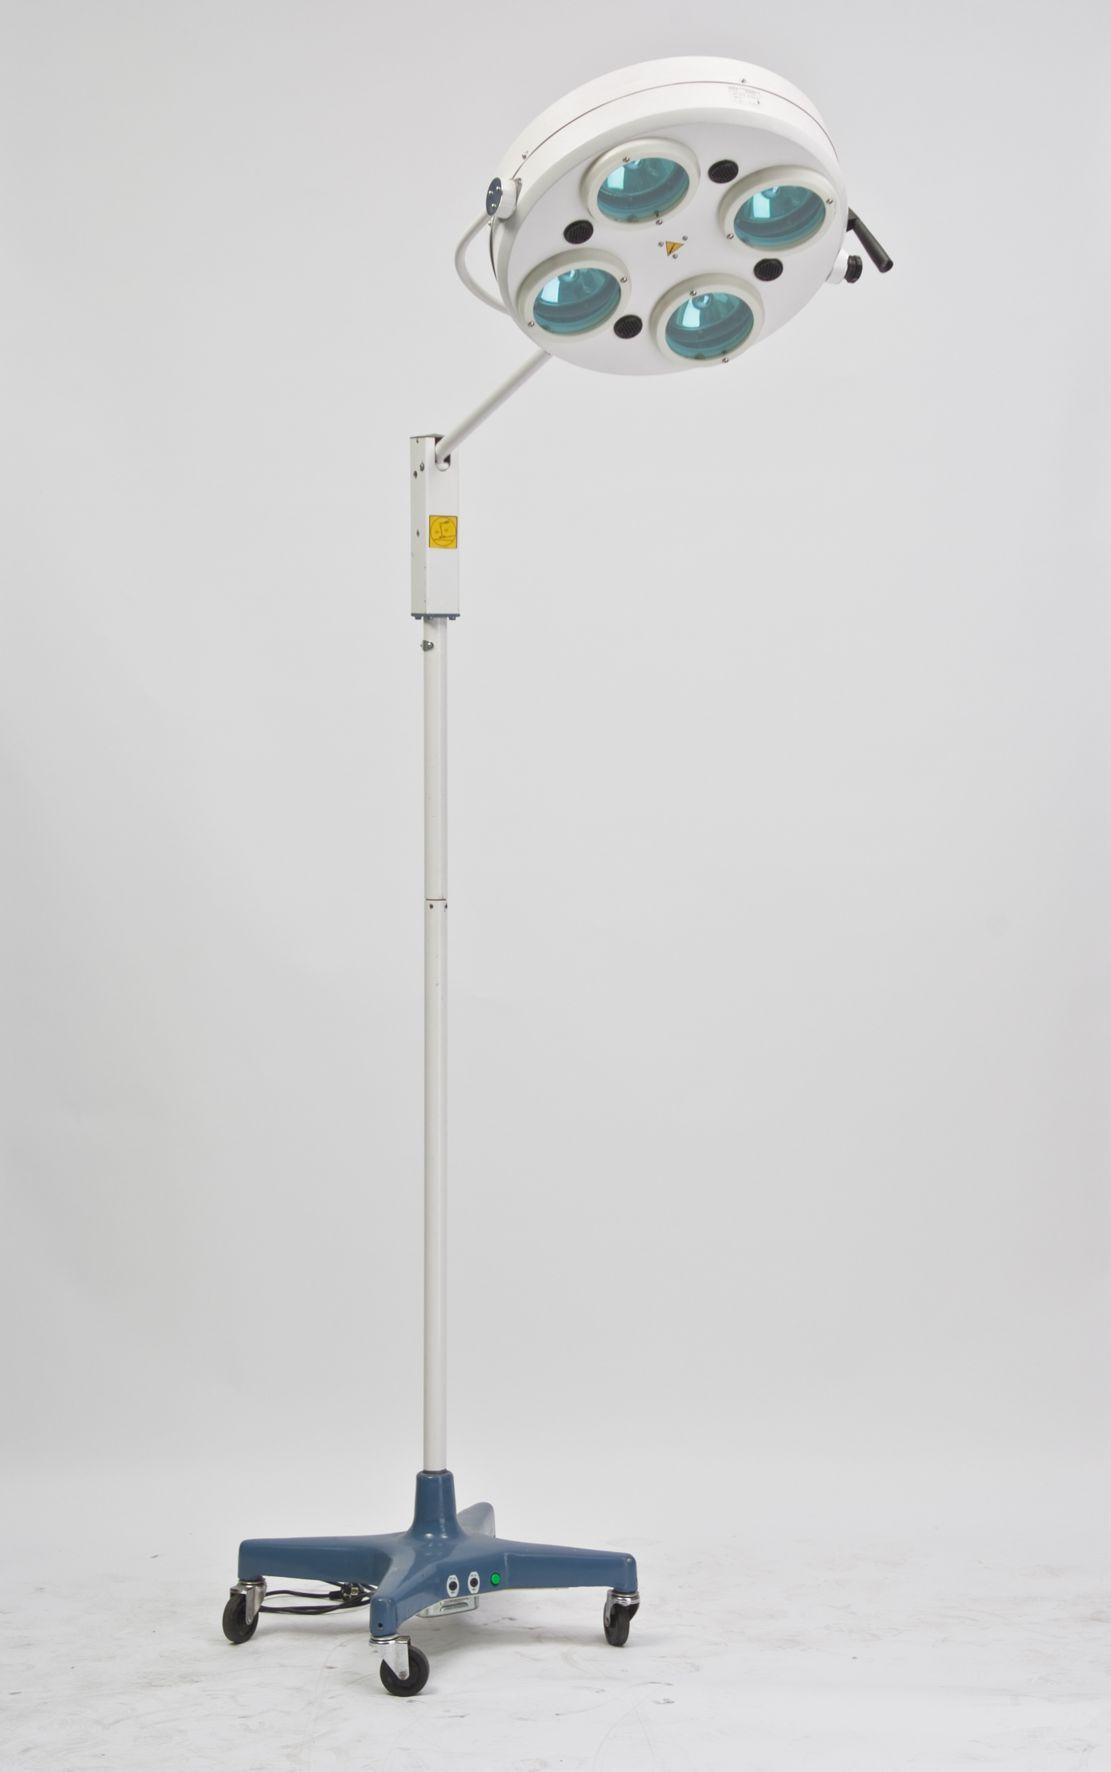 Cветильник хирургический L734